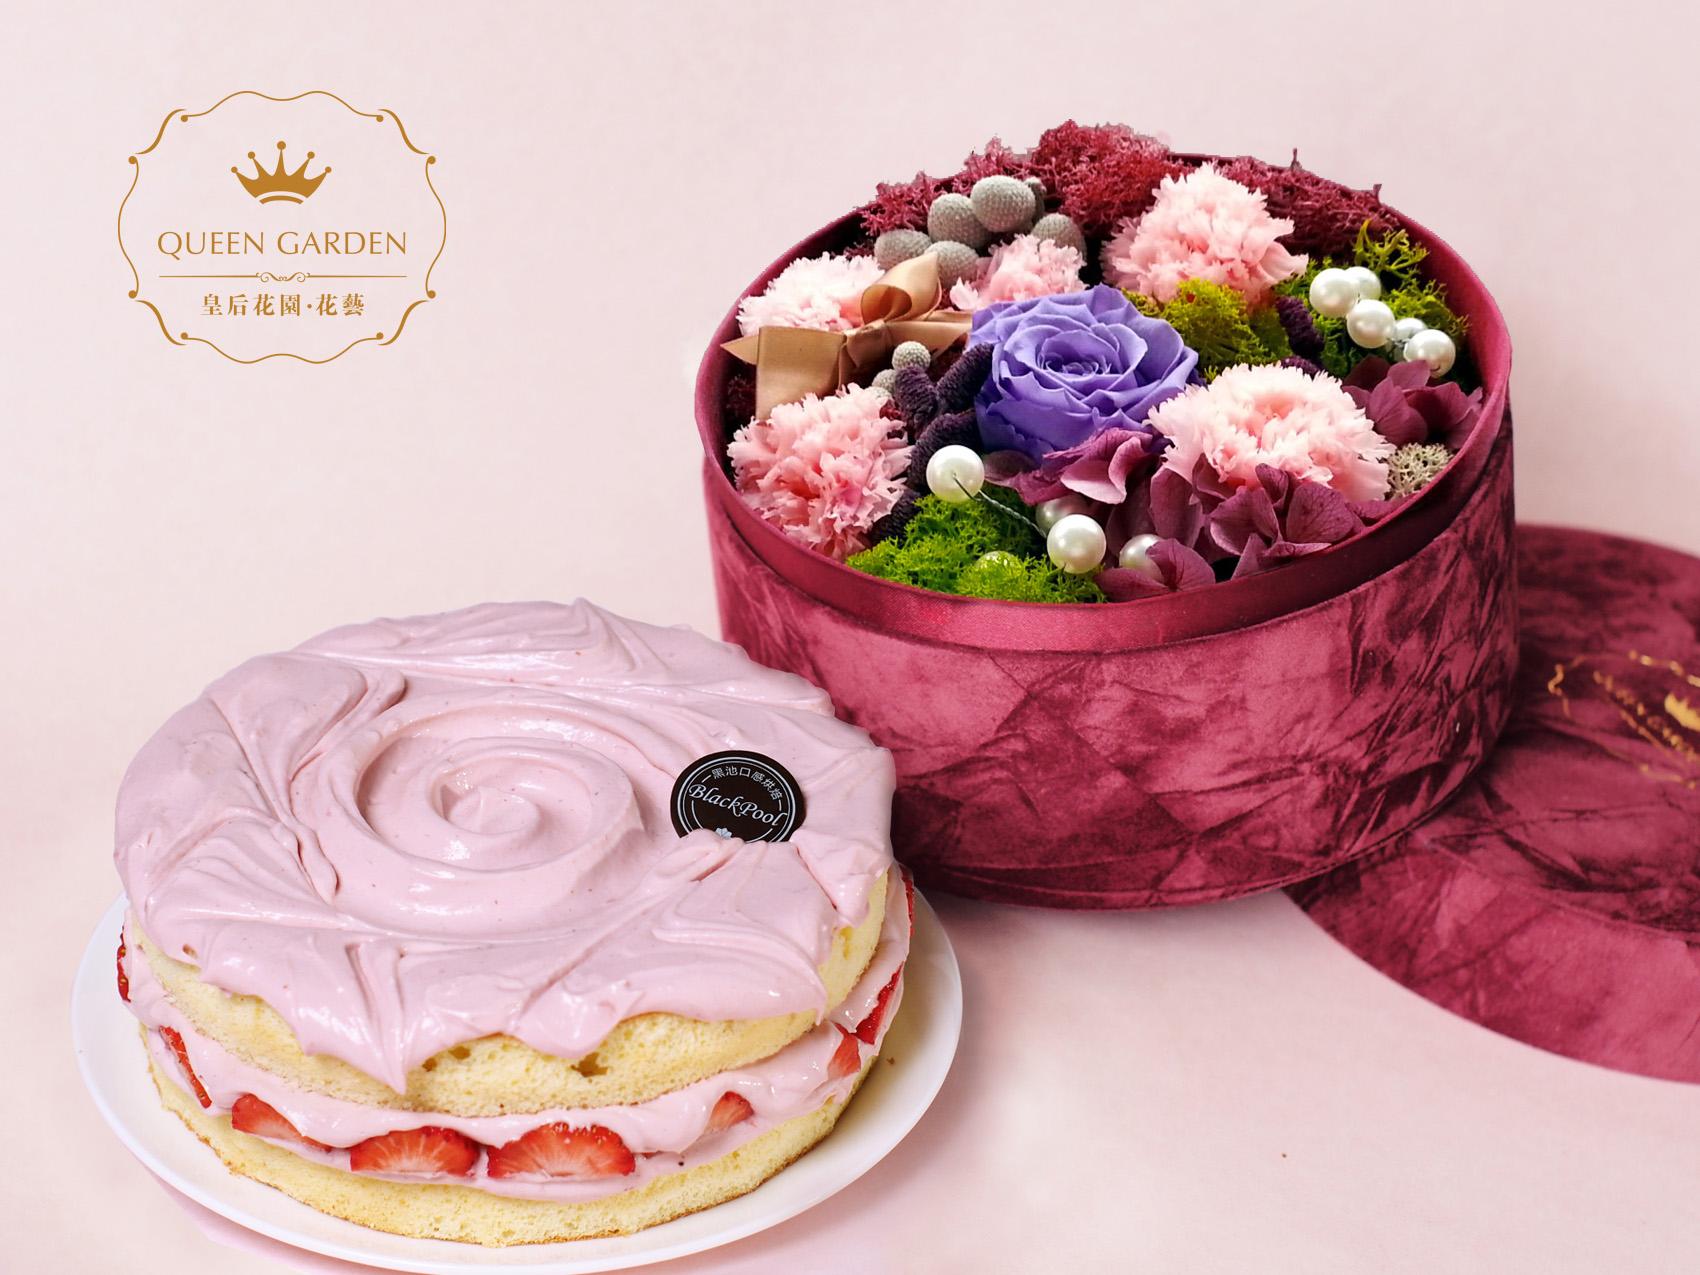 深圳顶级欧式甜点专家